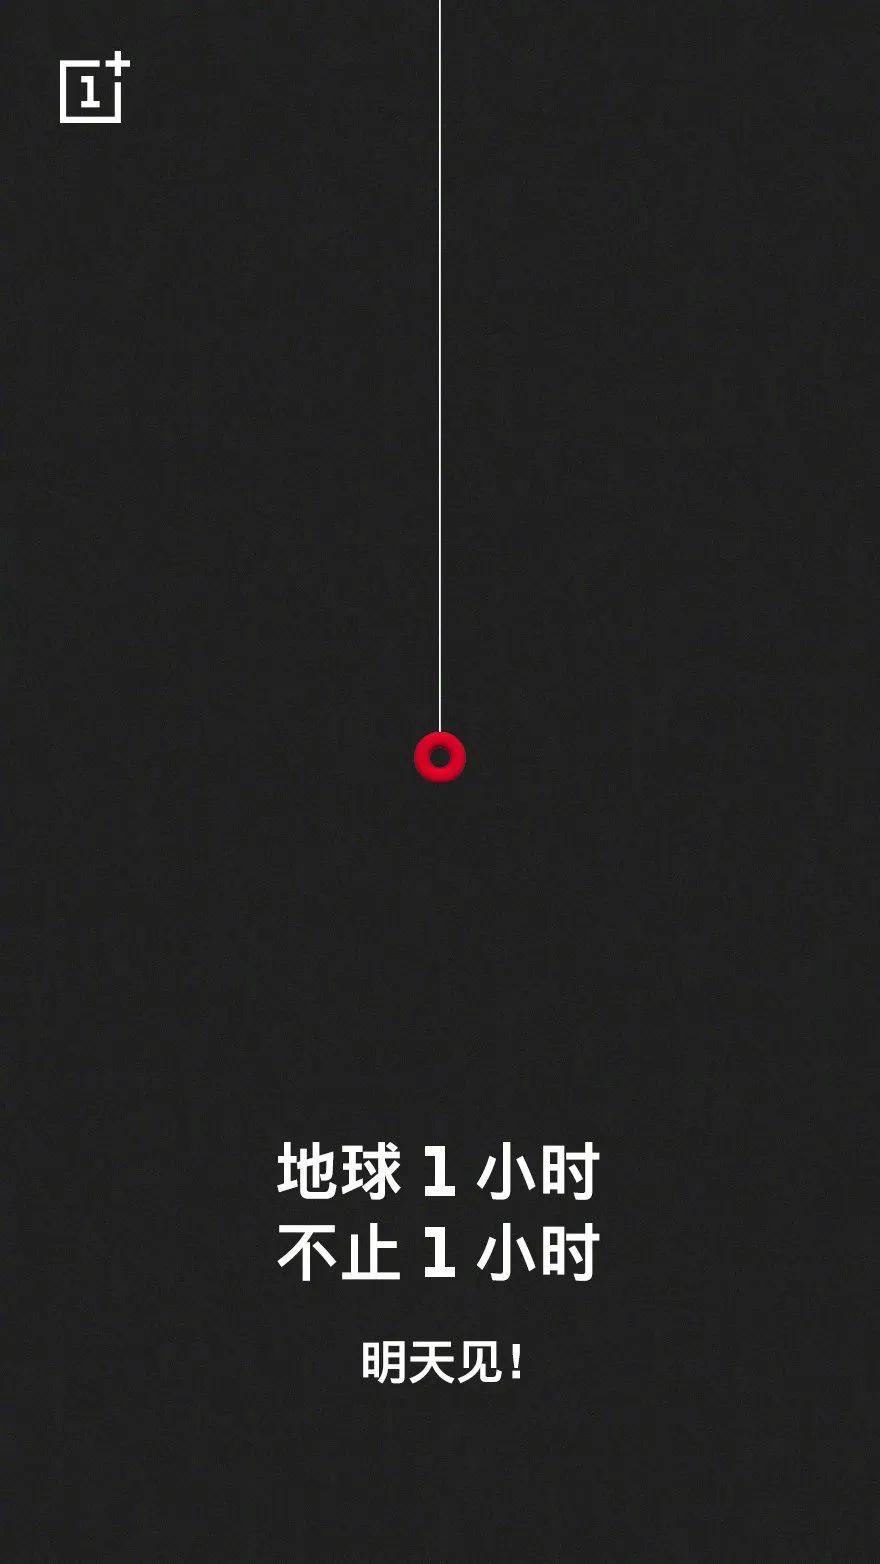 地球一小时文案海报:抬头发现天空中最亮的星!插图14